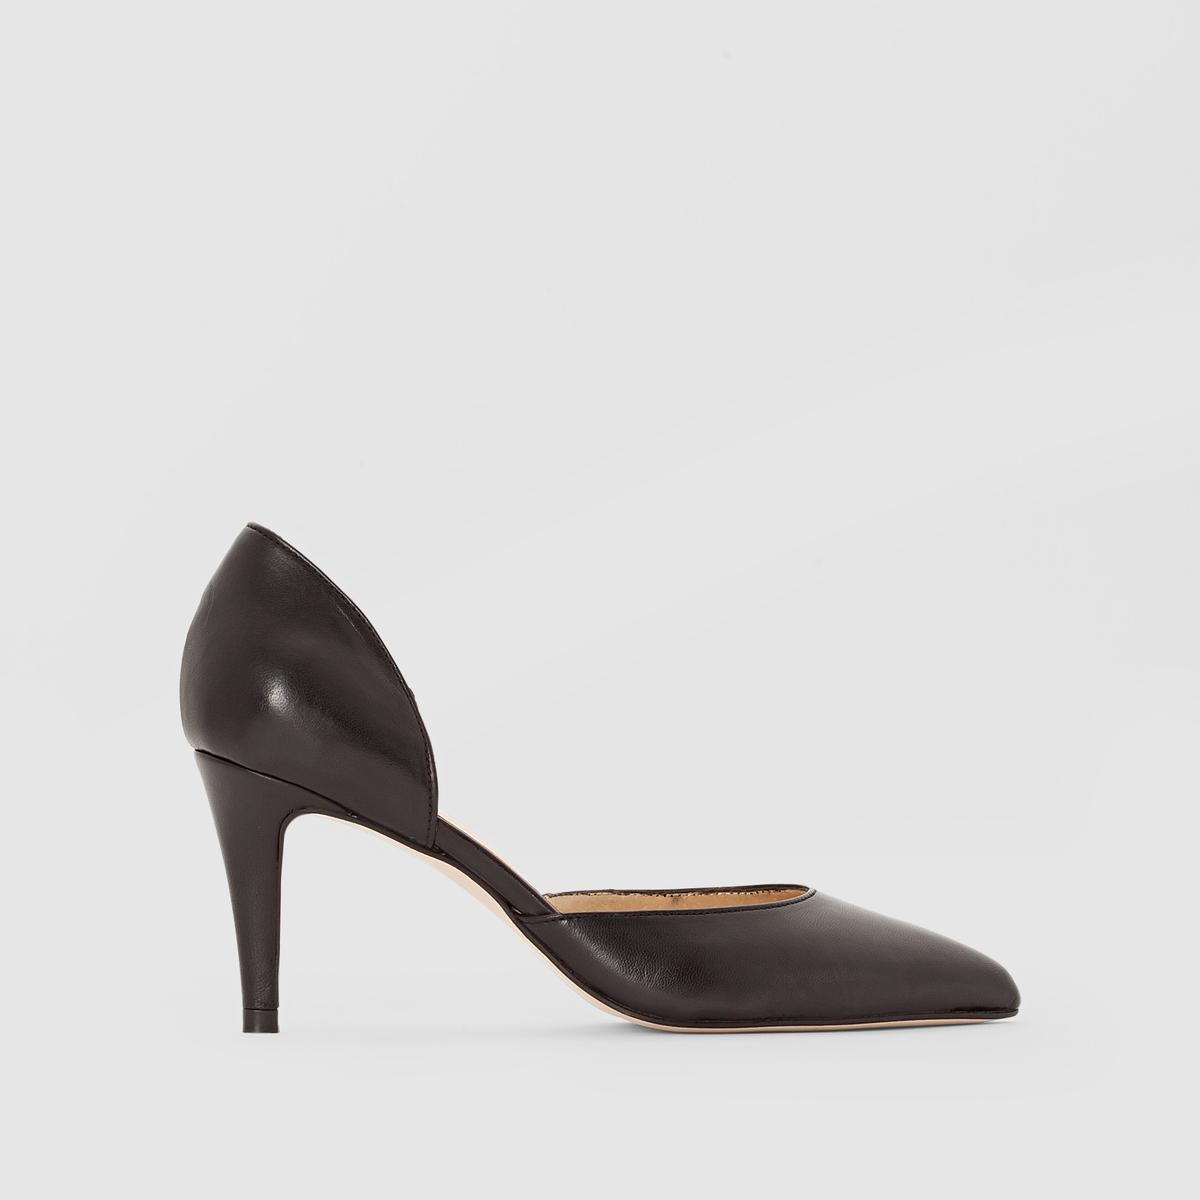 Туфли кожаные на каблуке, ADNETПодкладка: кожа.    Стелька: кожа.       Подошва: эластомер.       Форма каблука: шпилька.Мысок: острый          Застежка: без застежки.<br><br>Цвет: черный